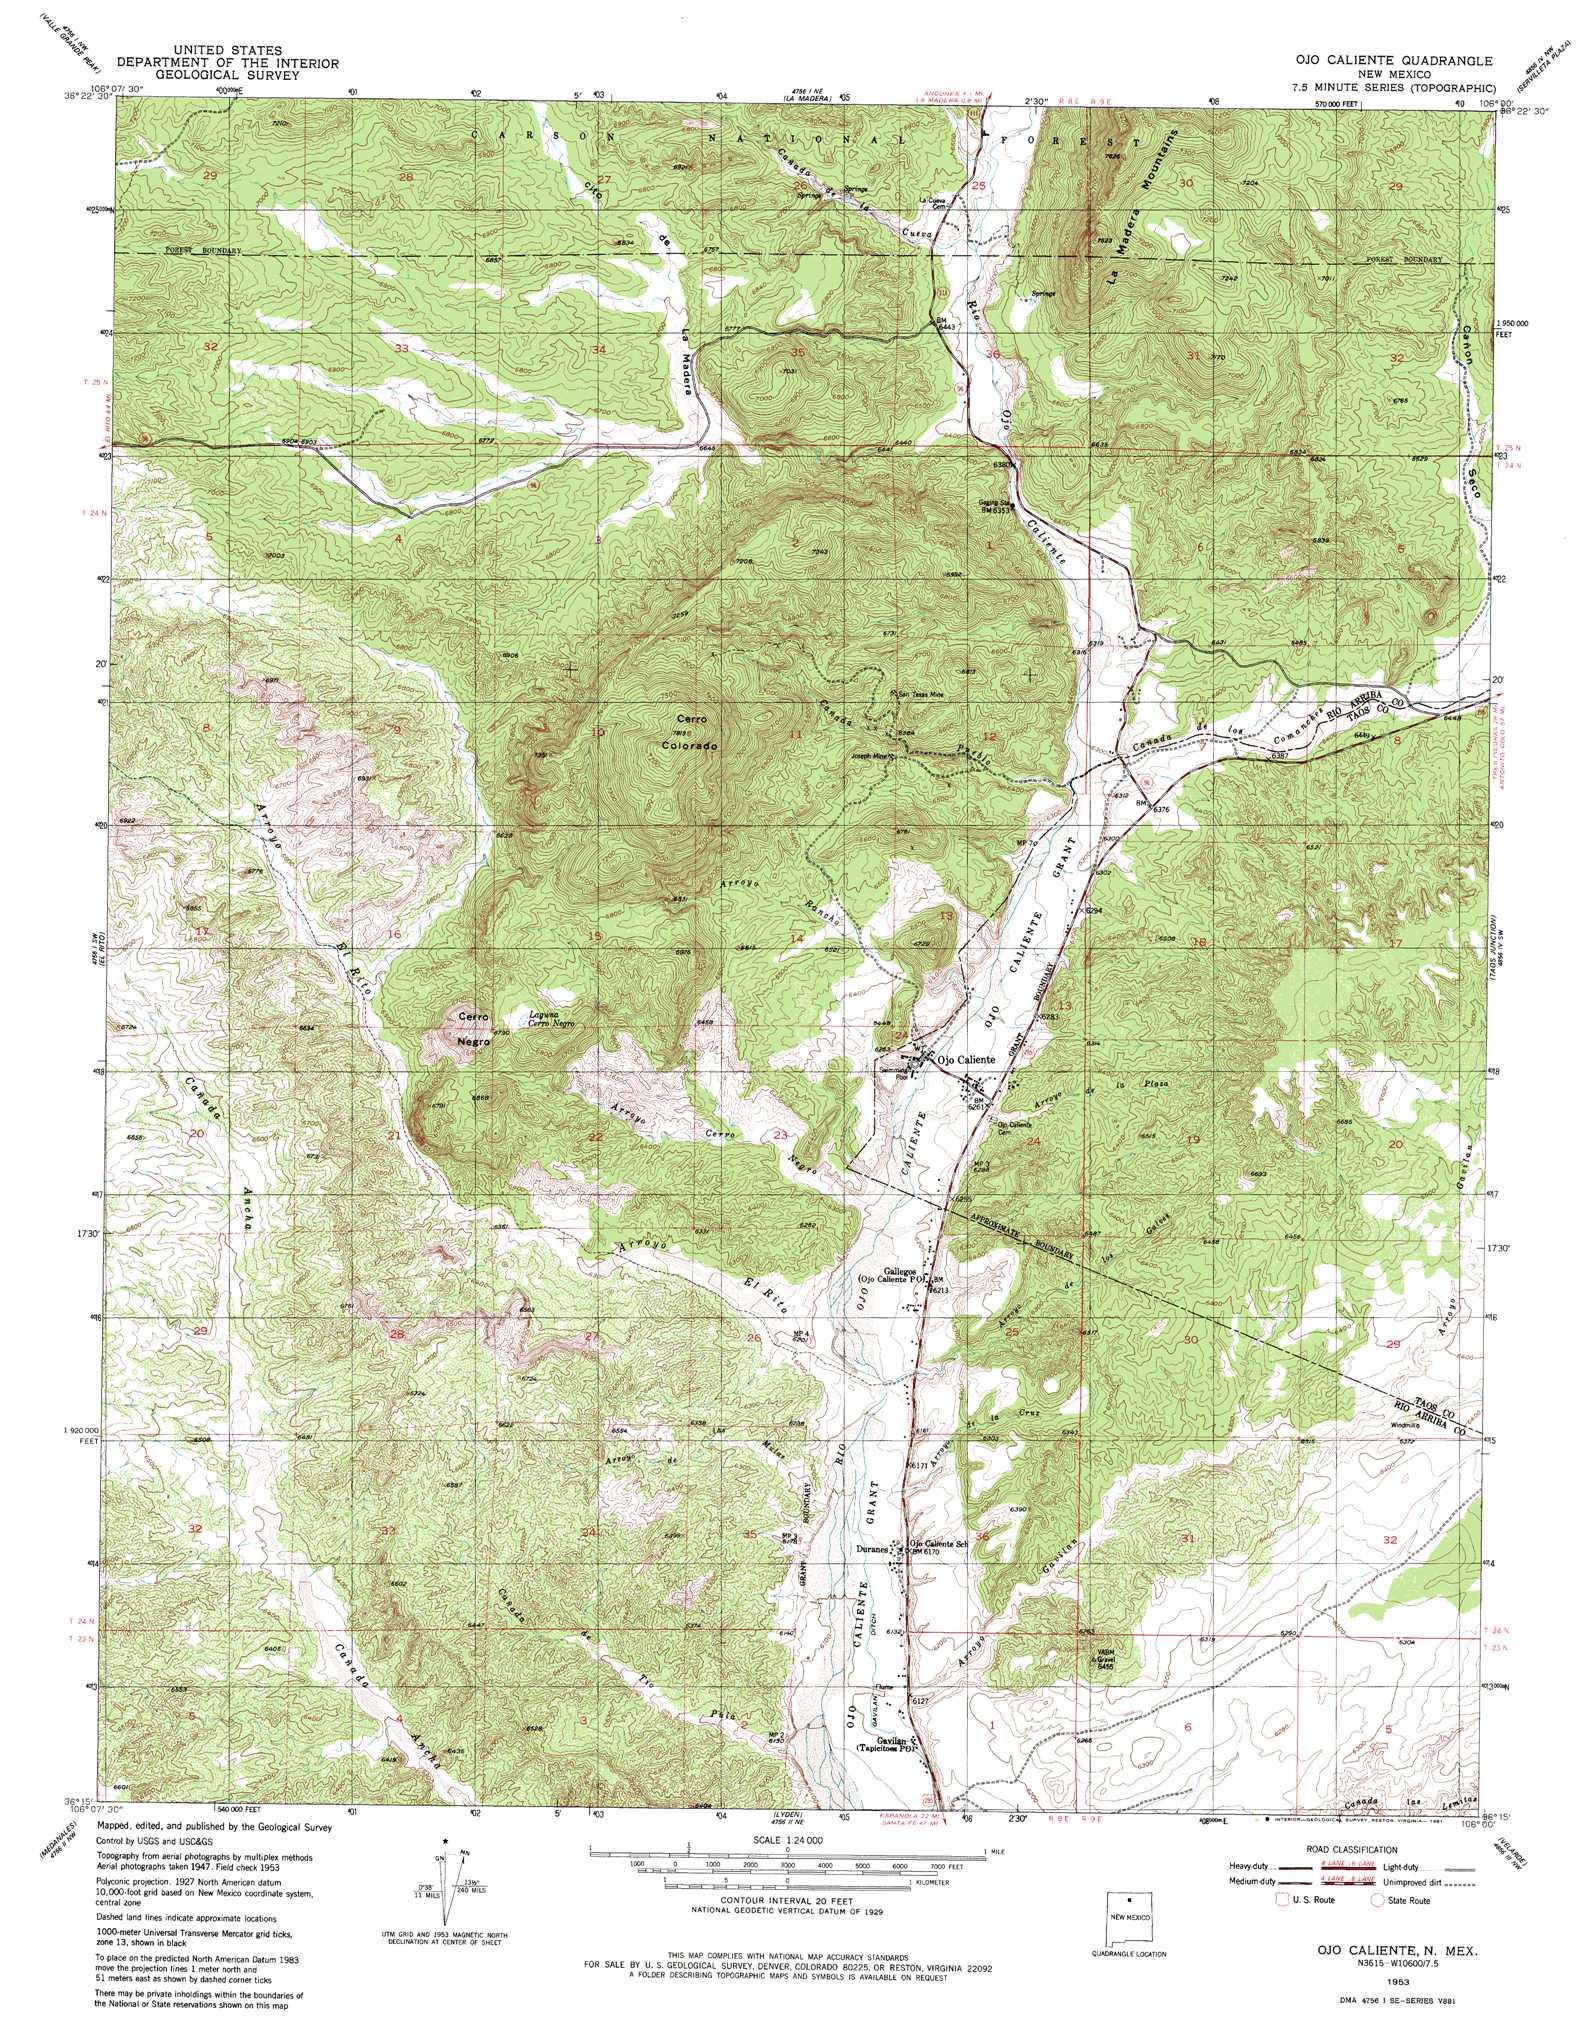 Ojo Caliente Topographic Map NM  USGS Topo Quad 36106c1